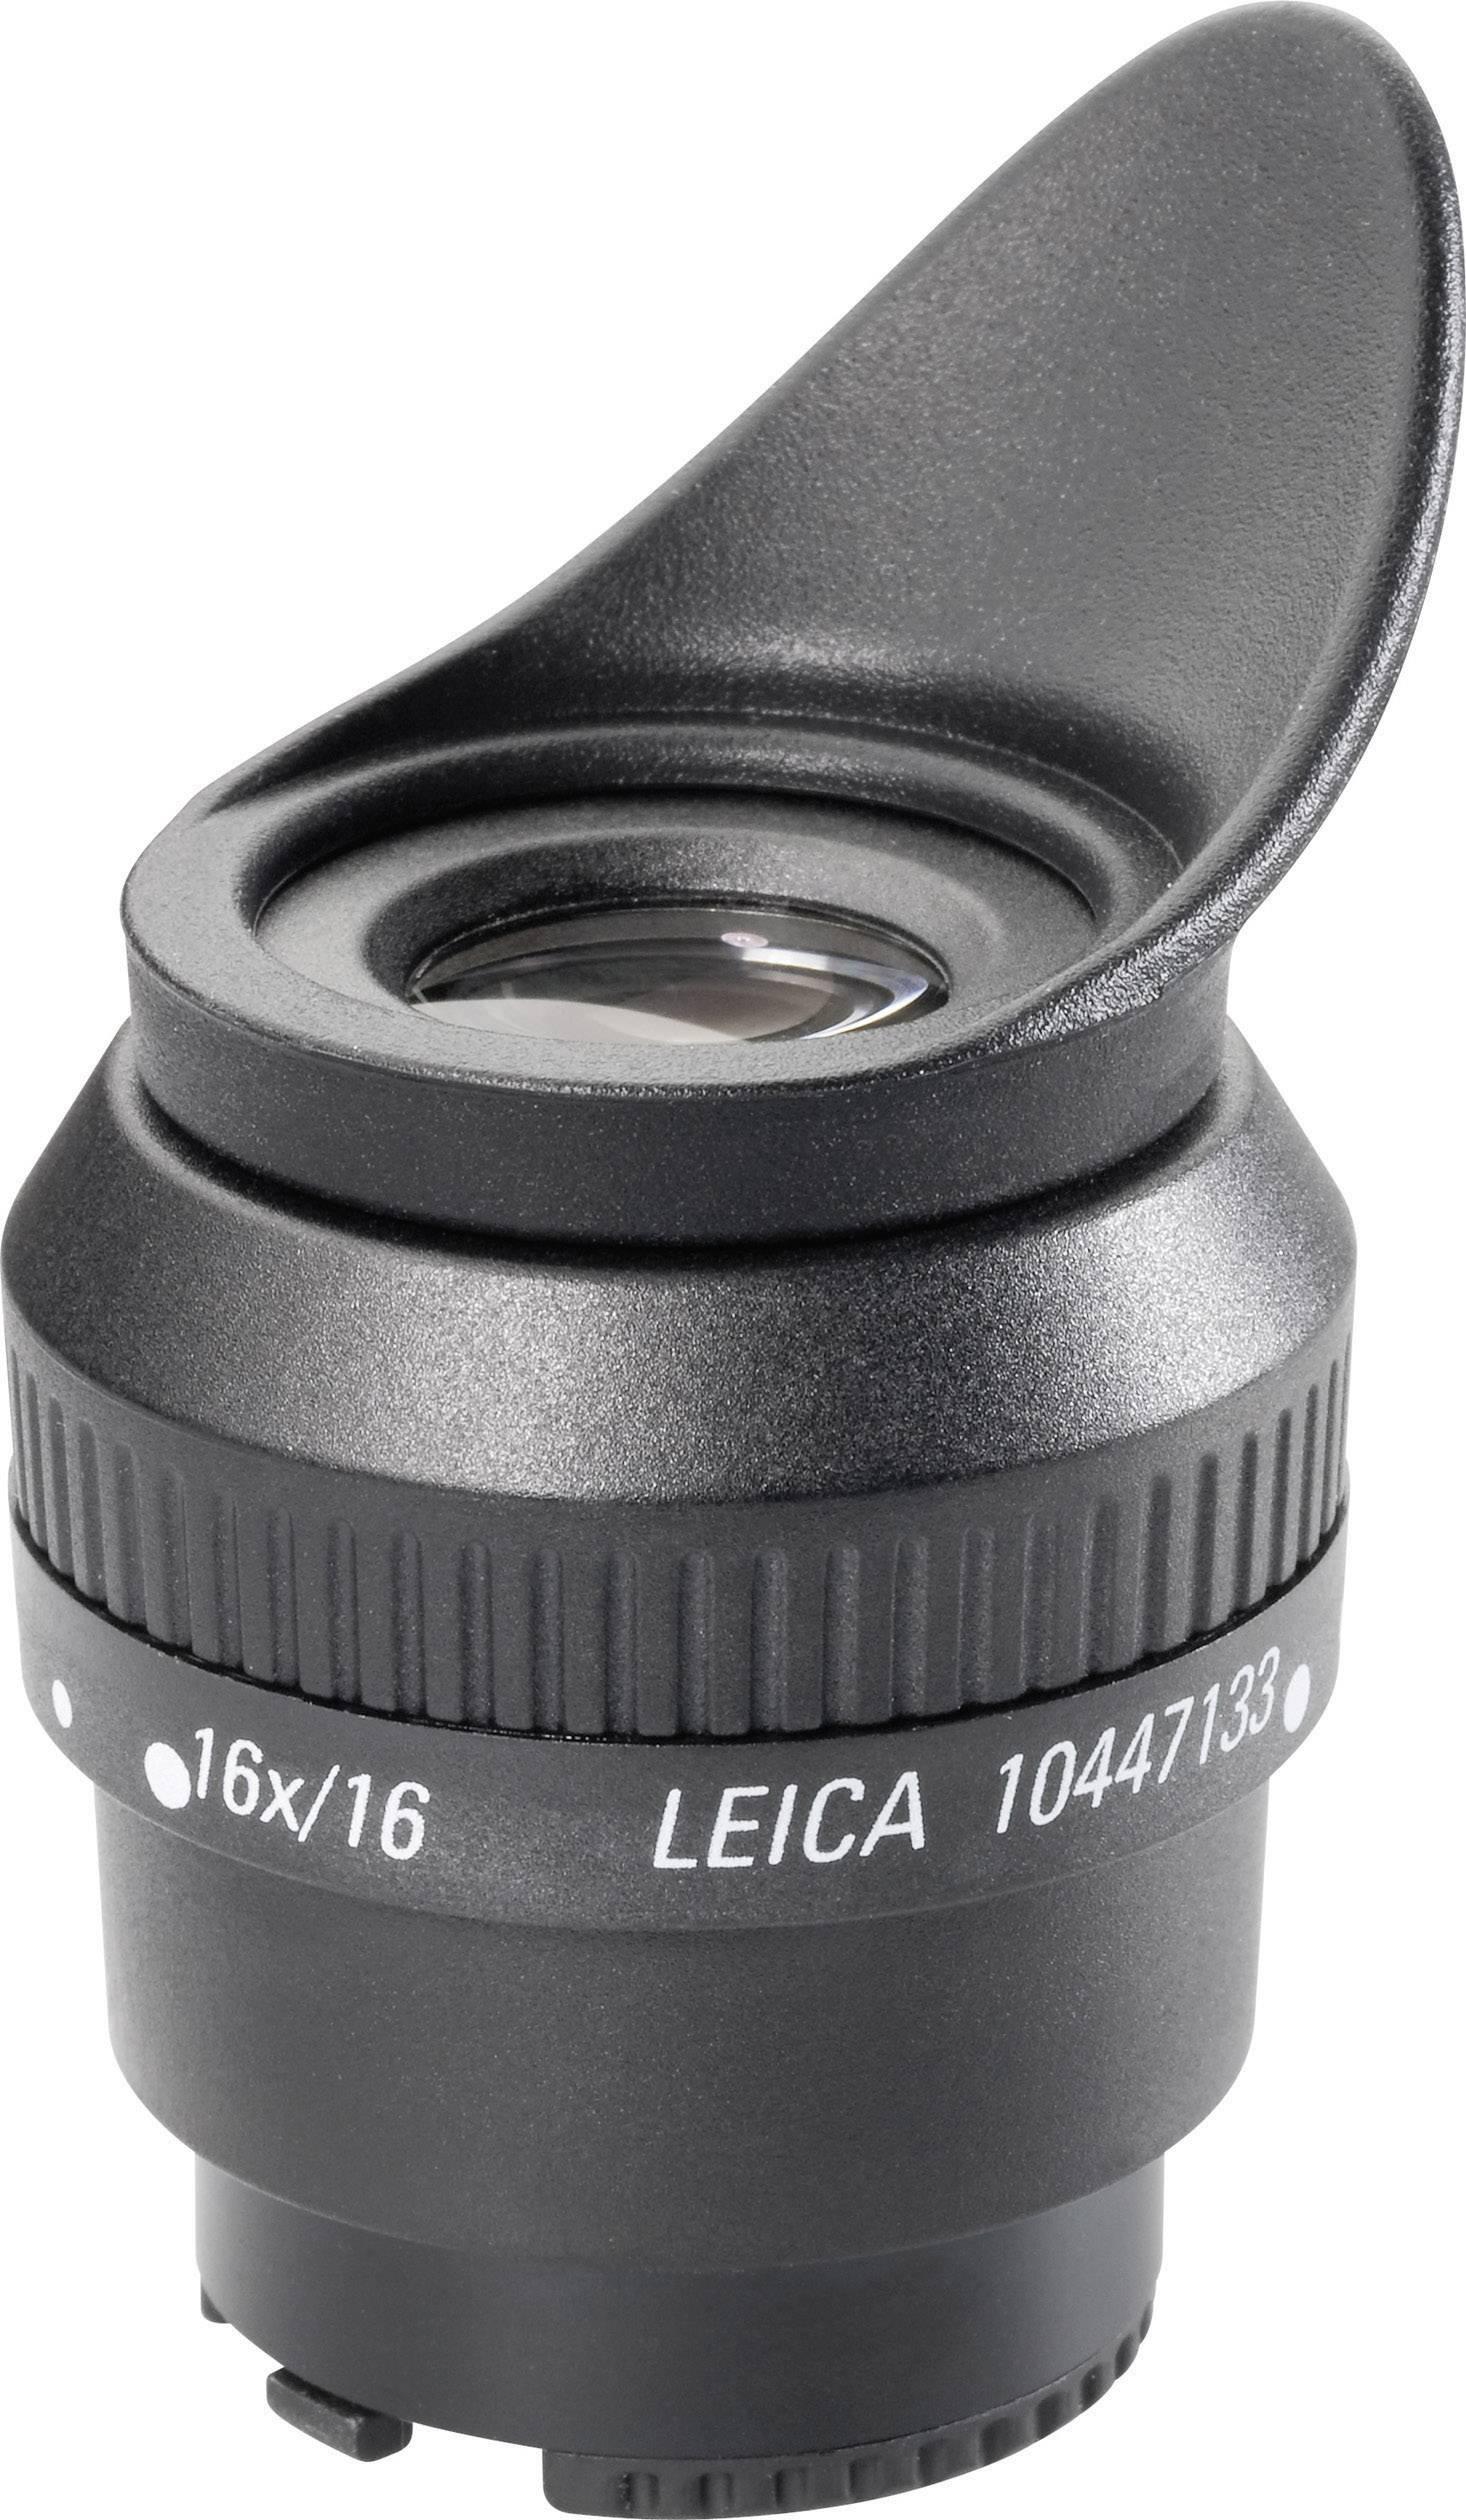 Okuláre 10X/20 Leica, nastaviteľné, pre EZ4, 10447282